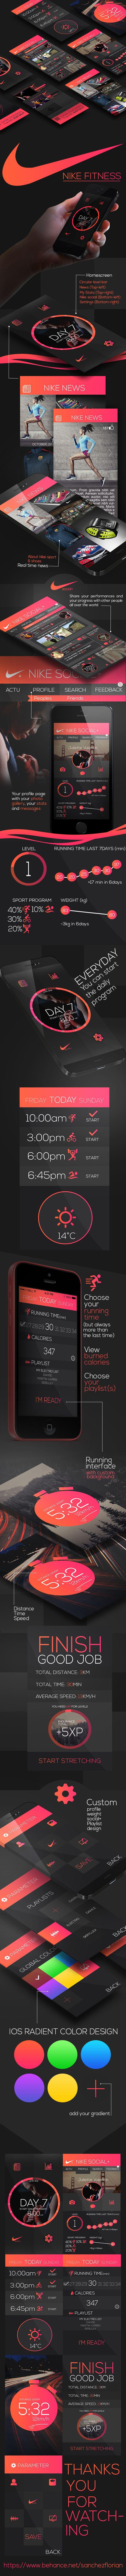 Nike Fitness Design APP by Florian Sanchez, via Behance